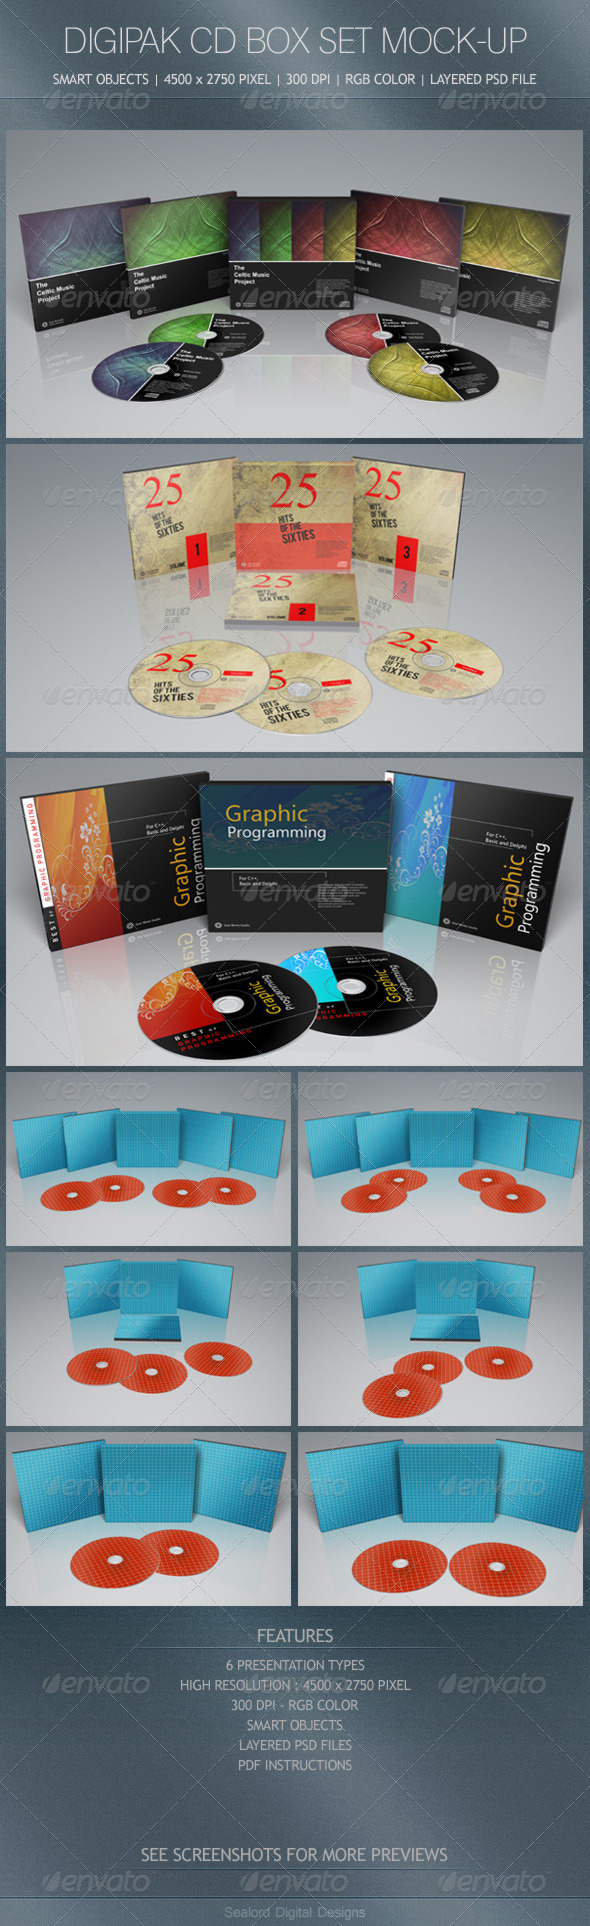 digipak cd box set mock up box sets and mockup. Black Bedroom Furniture Sets. Home Design Ideas